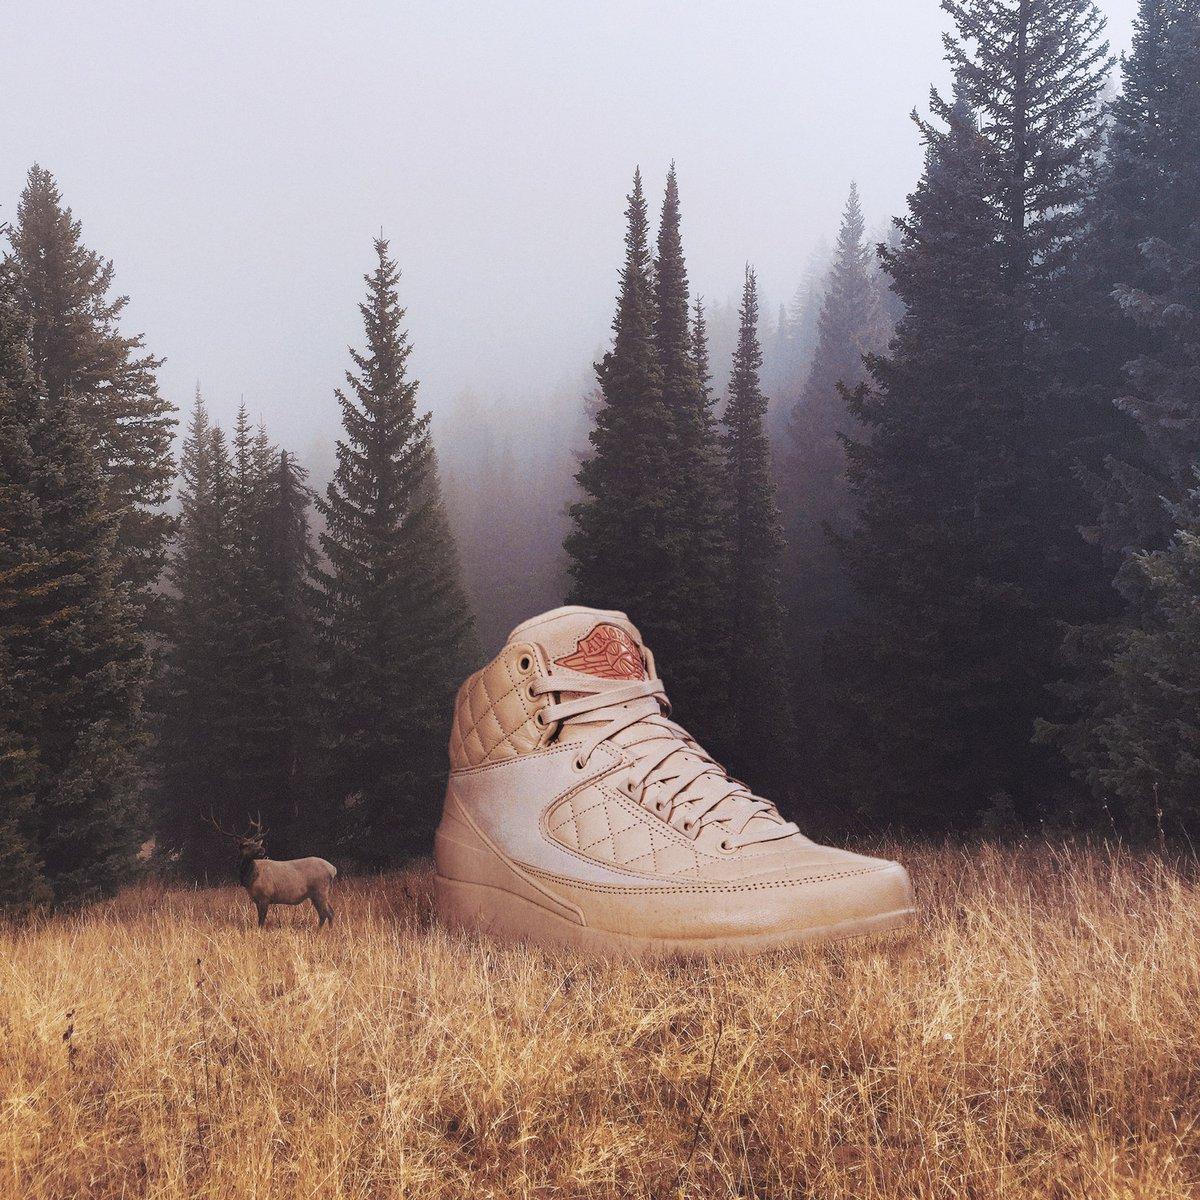 """surreale Fotografie! """"Air Jordans"""", Von Carlos Jiménez Varela pic.twitter.com/0wH6Wolhdr"""